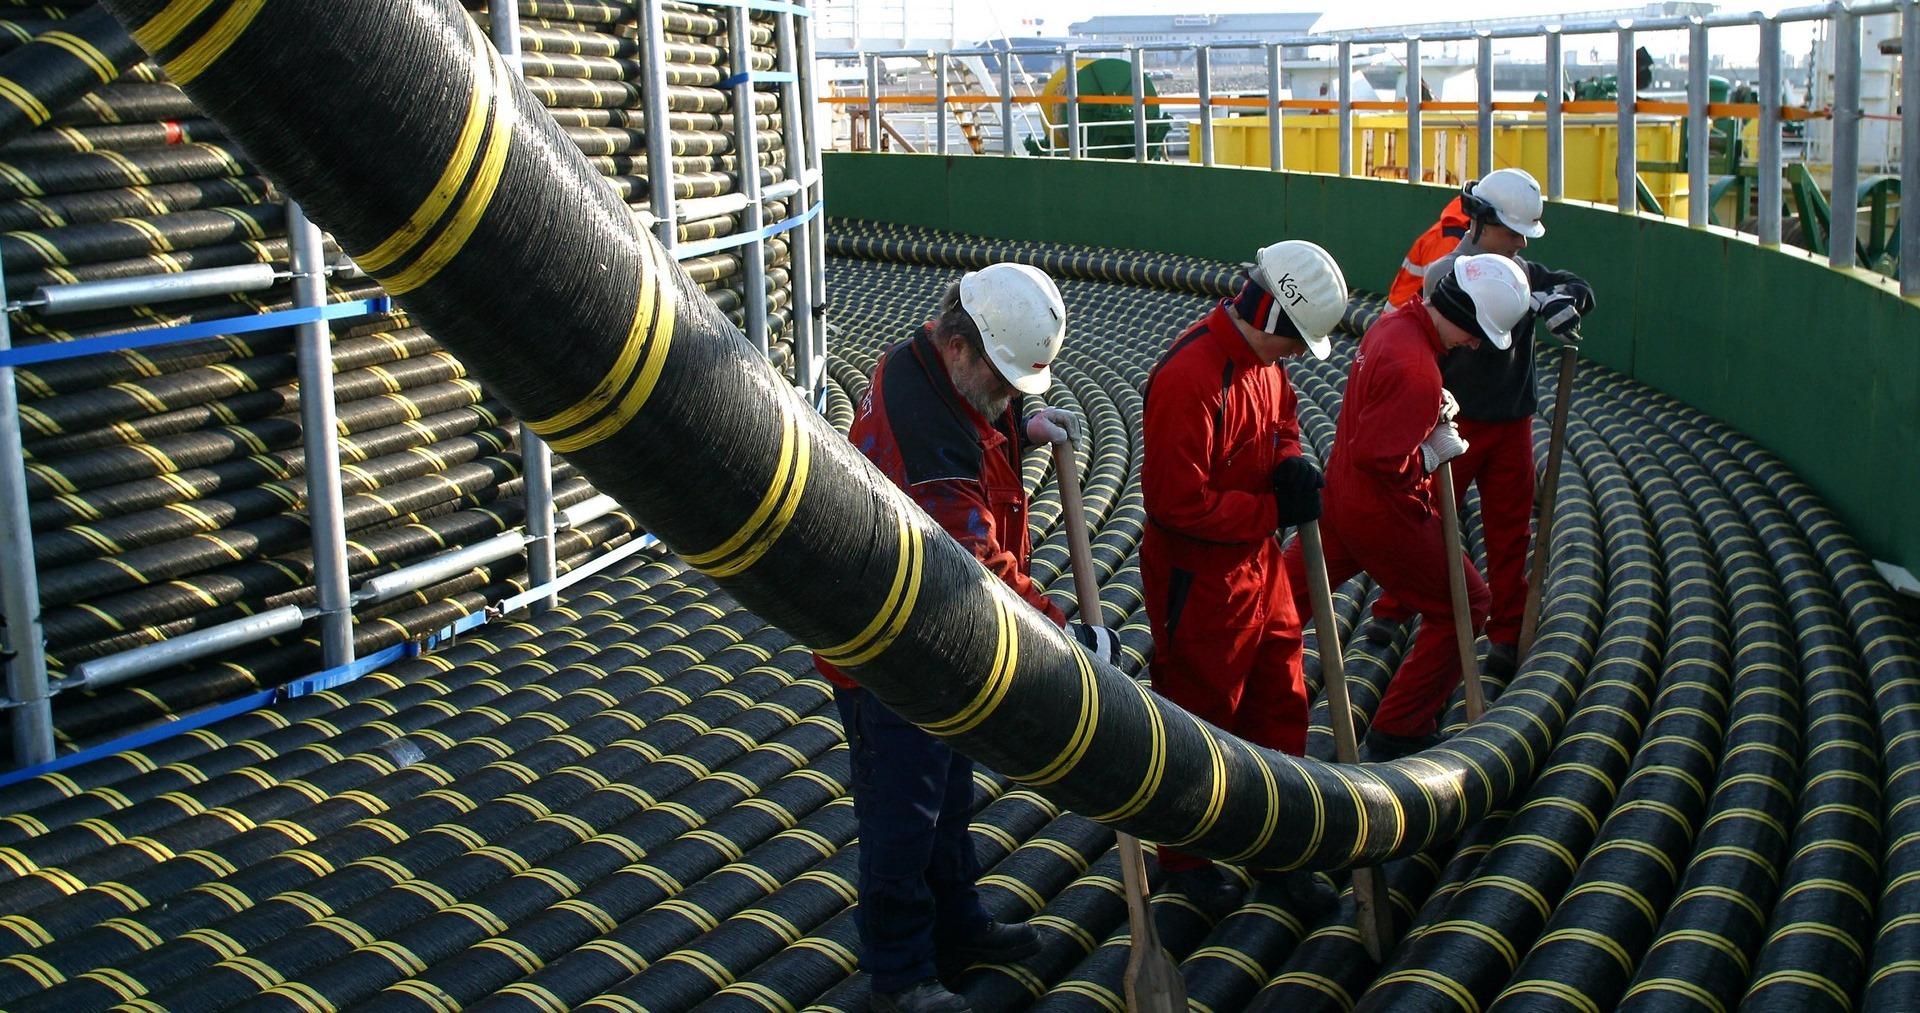 Вести со дна: IT-гиганты начали активно строить собственные подводные магистральные сети